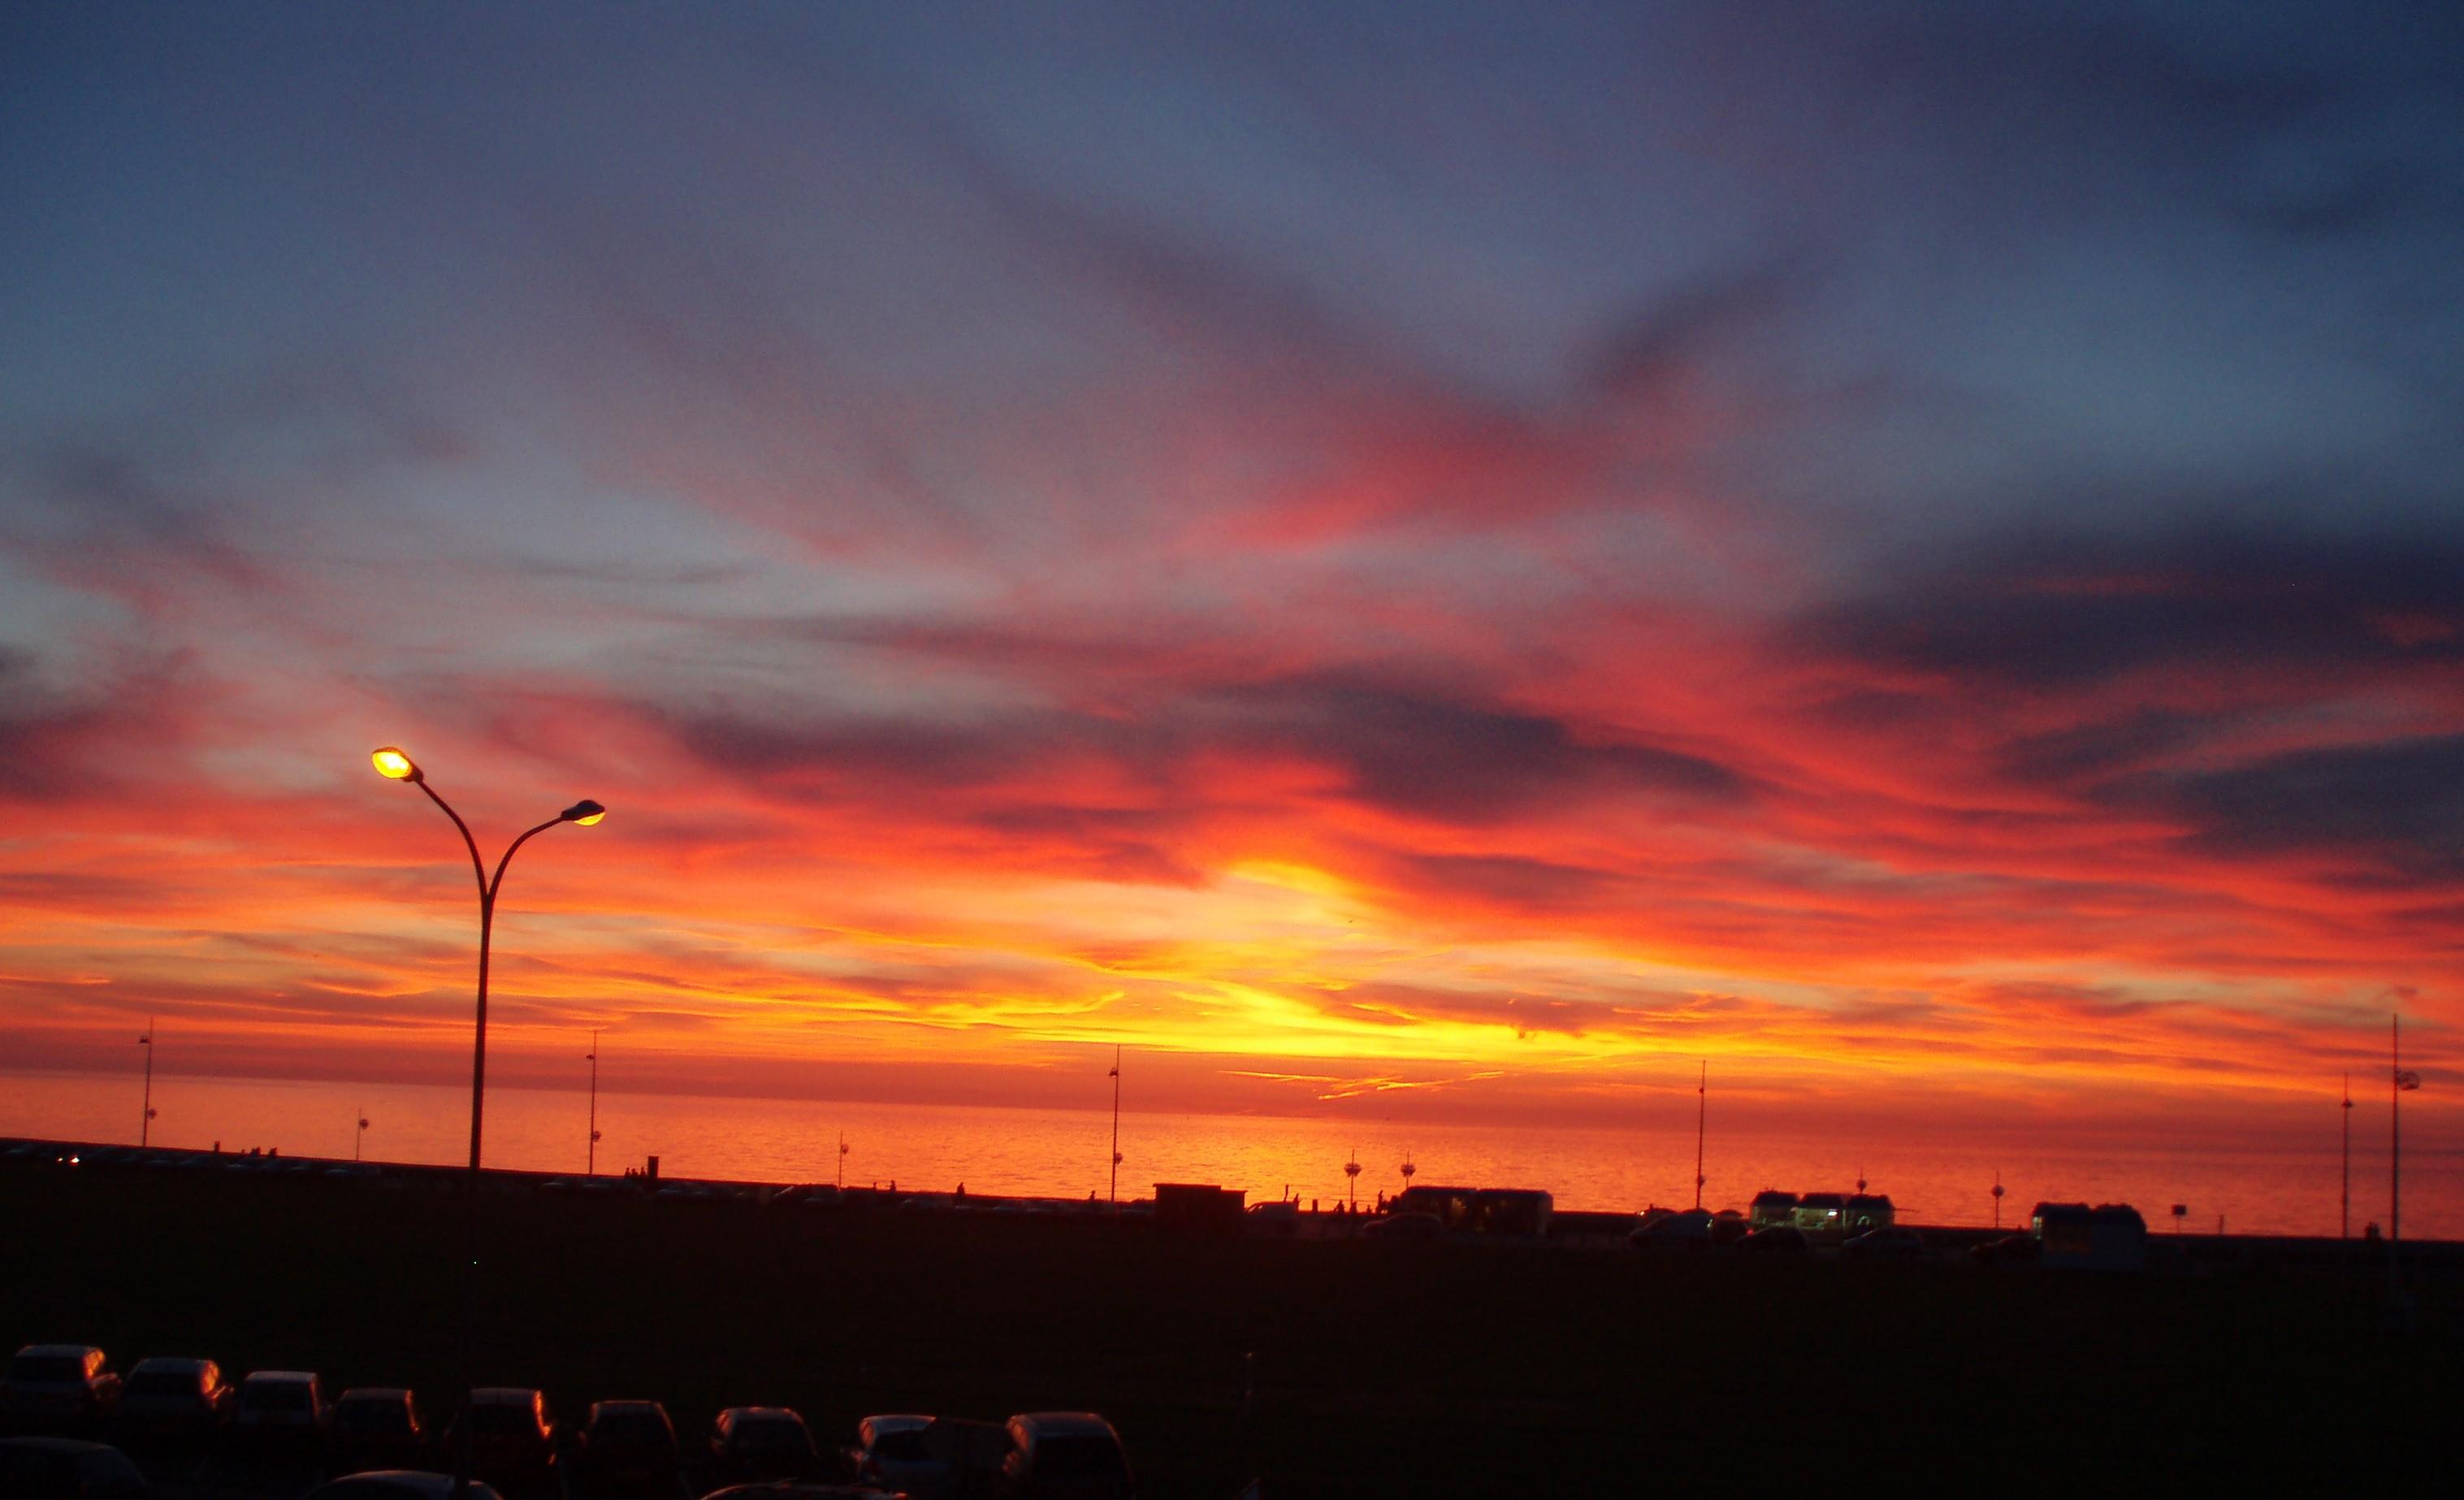 coucher de soleil - photo #6